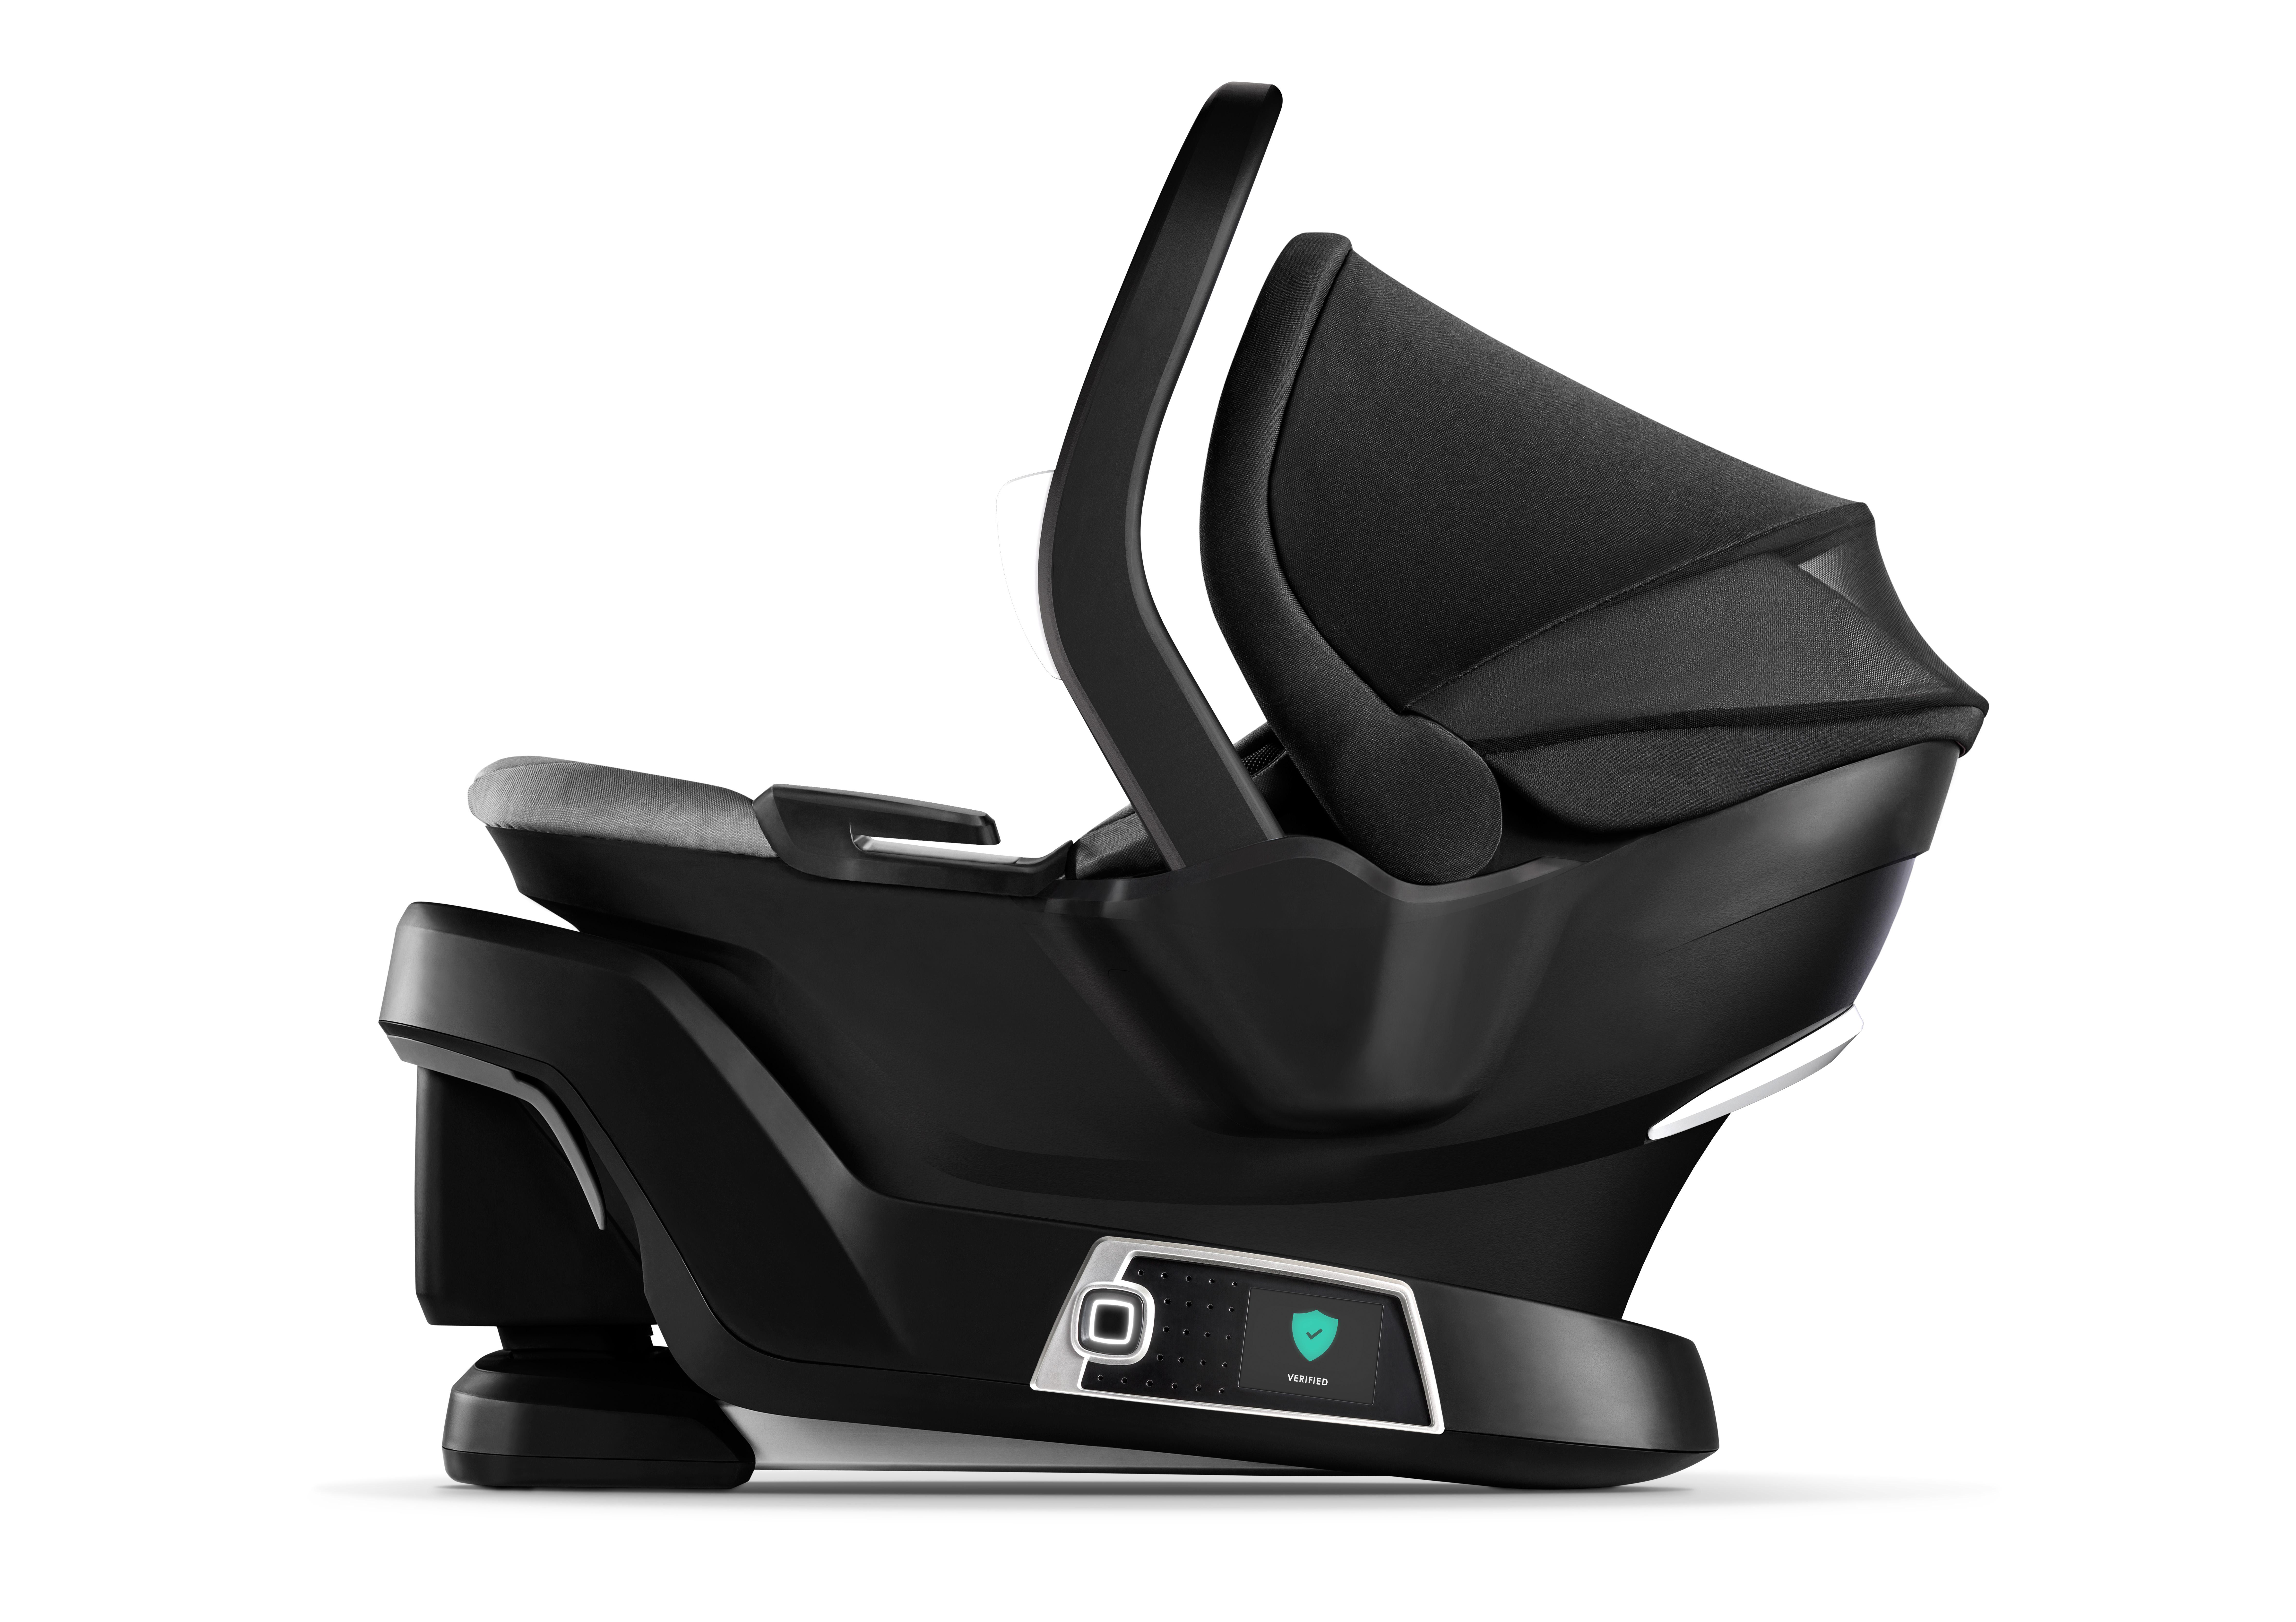 4moms Self Installing Car Seat